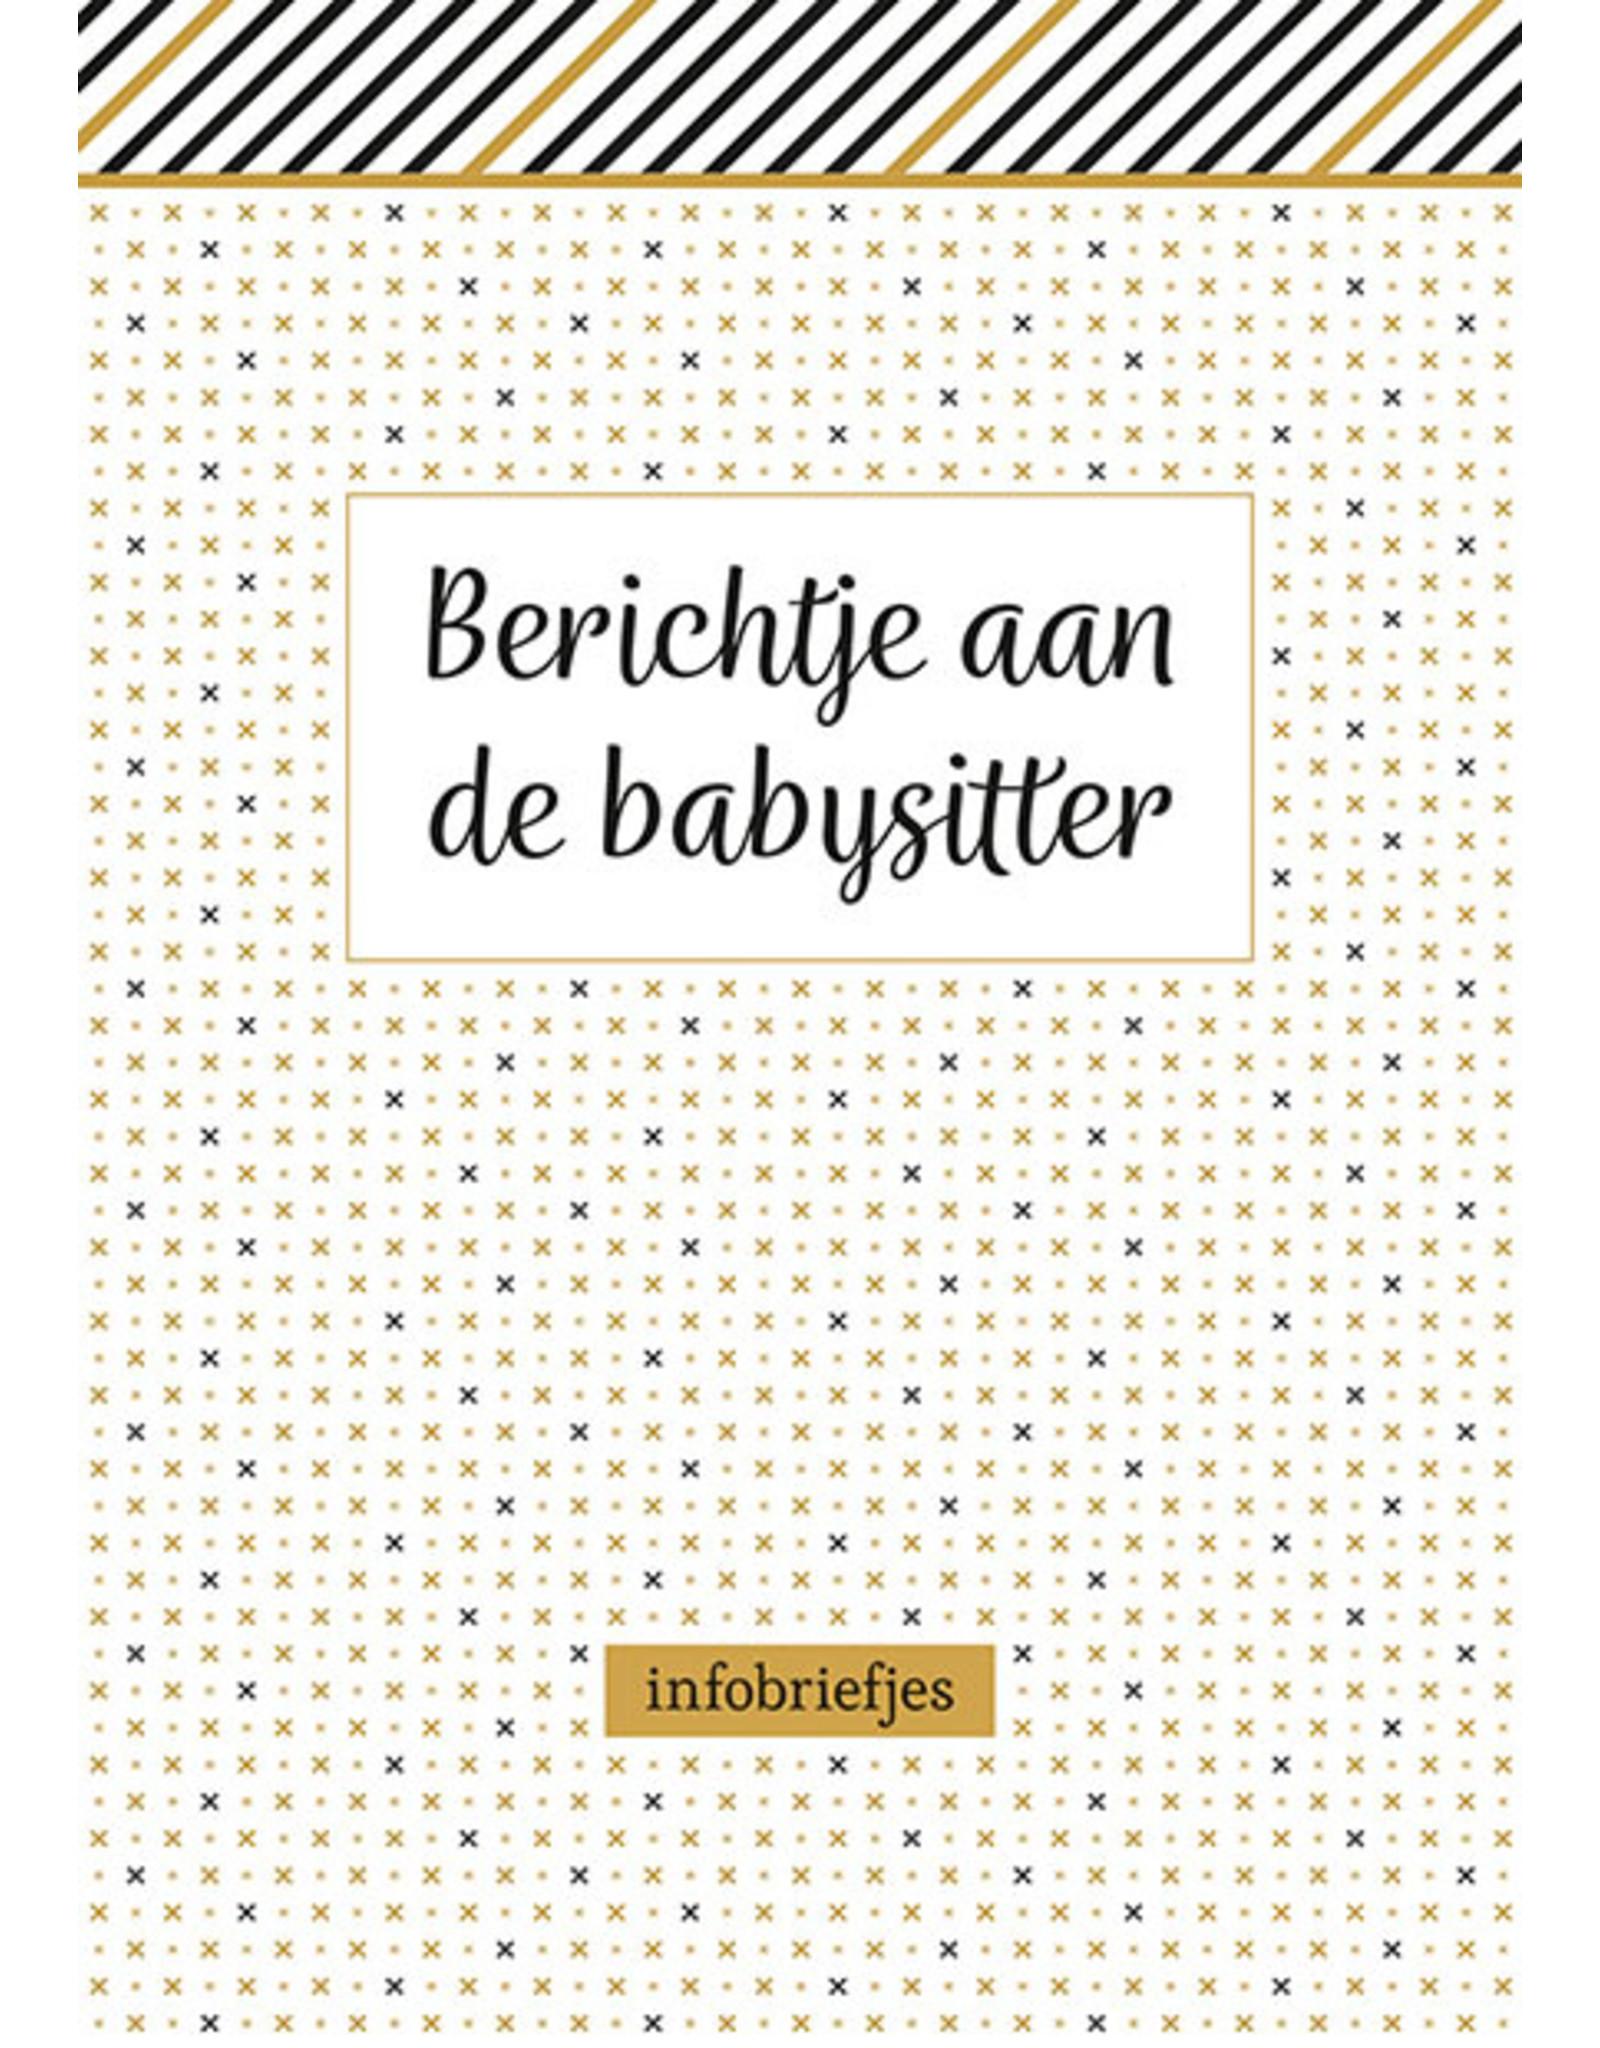 Deltas Berichtje aan de babysitter - infobriefjes